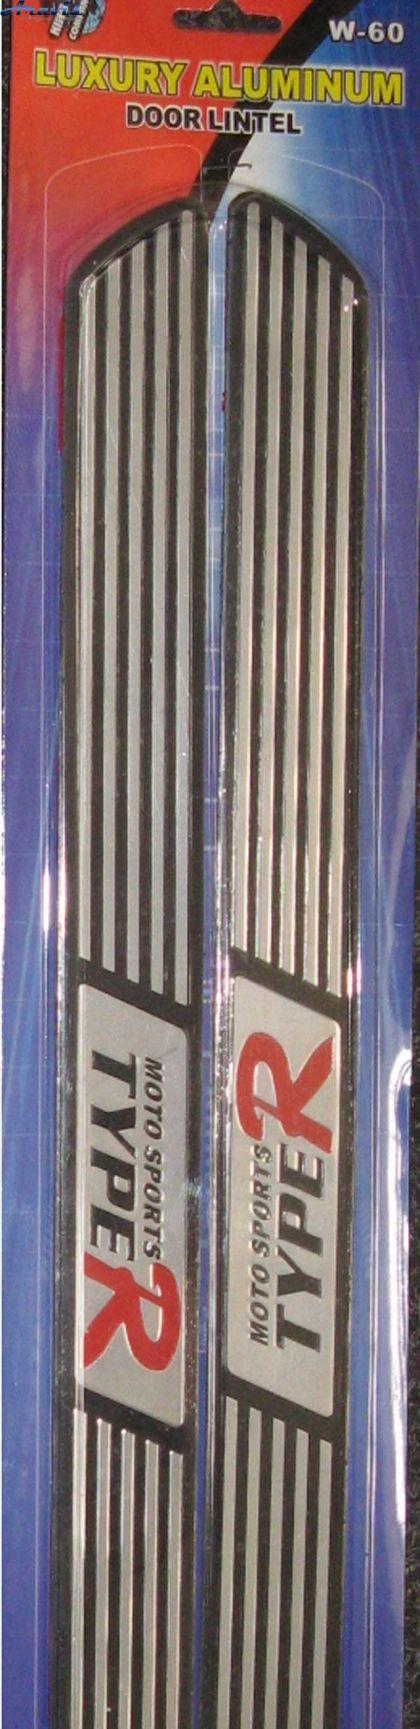 Накладки на пороги W-60 алюминий/резина TYPE-R